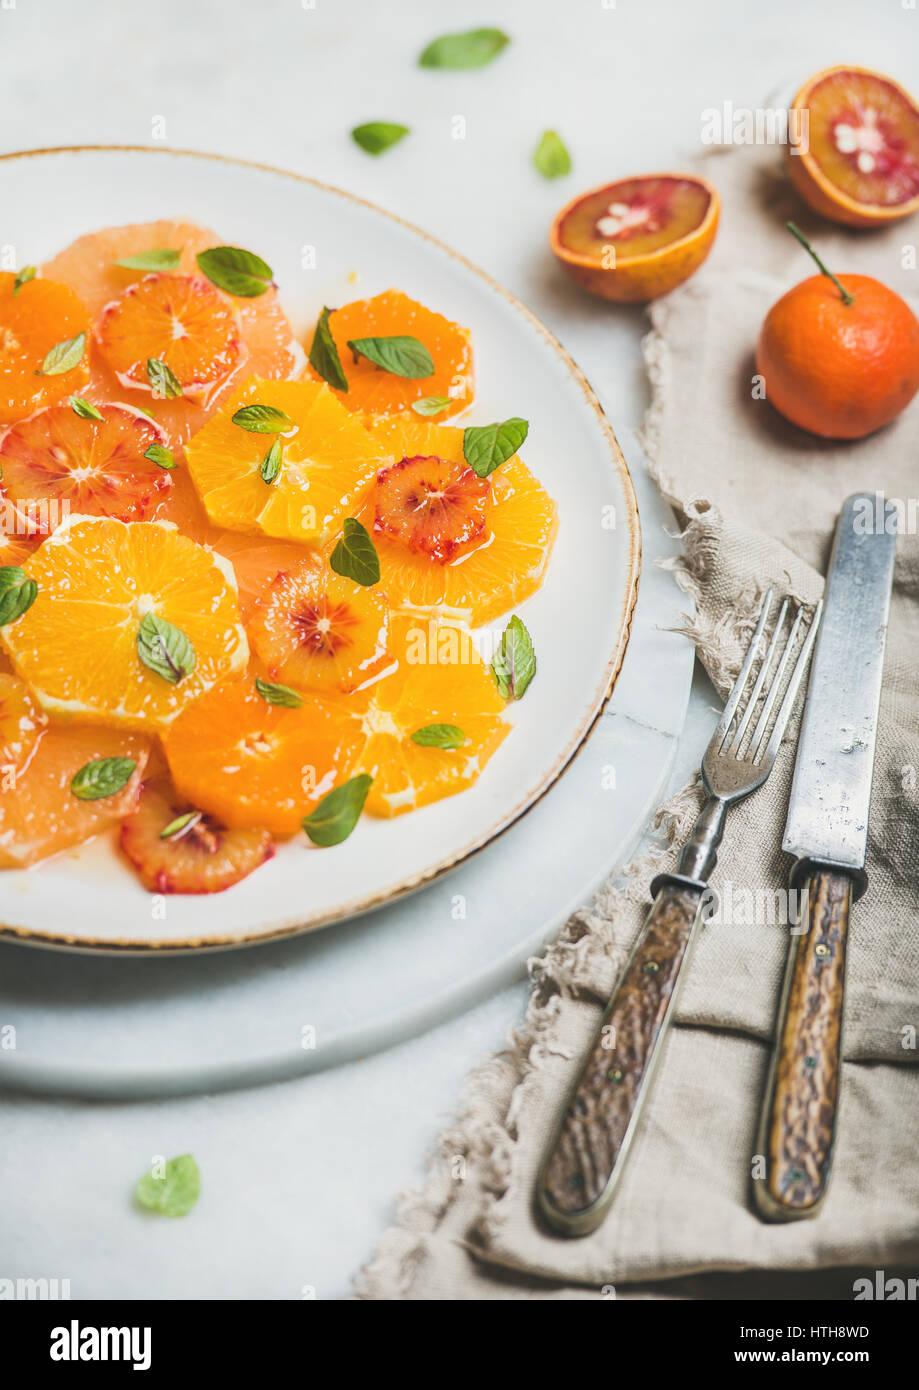 Vegetariana ensalada fresca de cítricos mezclados con miel y menta Imagen De Stock